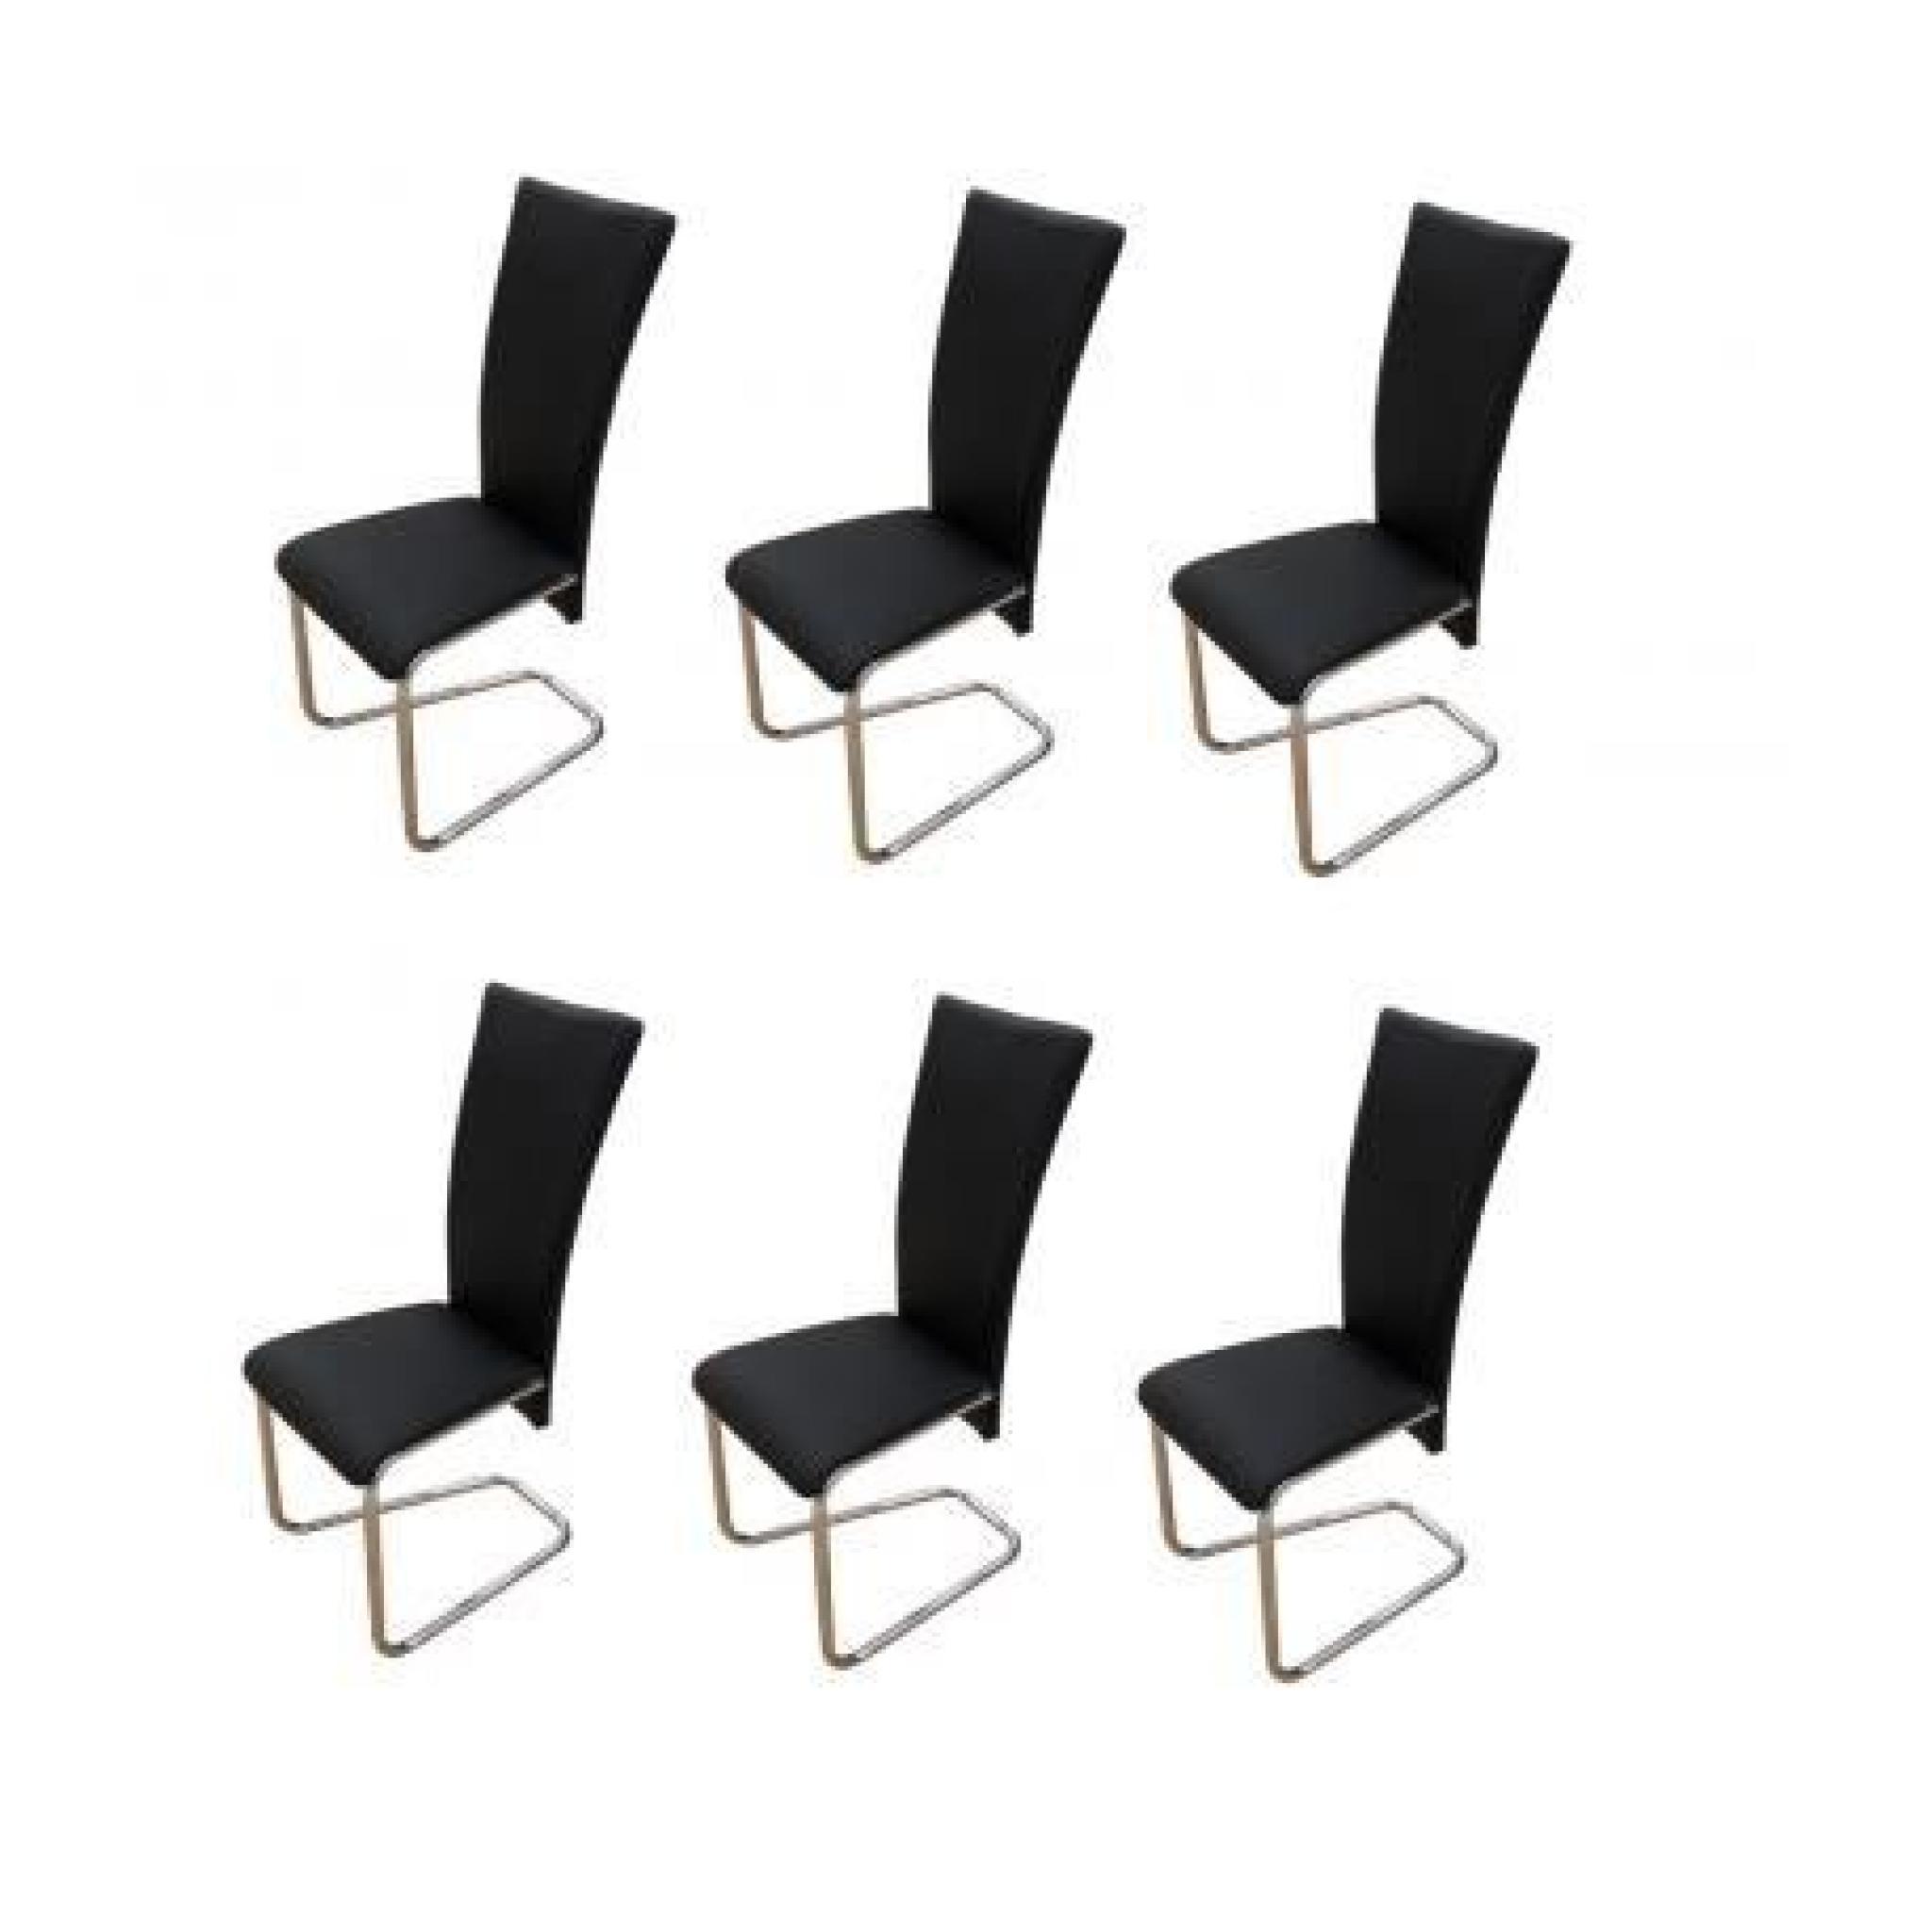 chaise design m tal noire lot de 6 achat vente chaise salle a manger pas cher couleur et. Black Bedroom Furniture Sets. Home Design Ideas